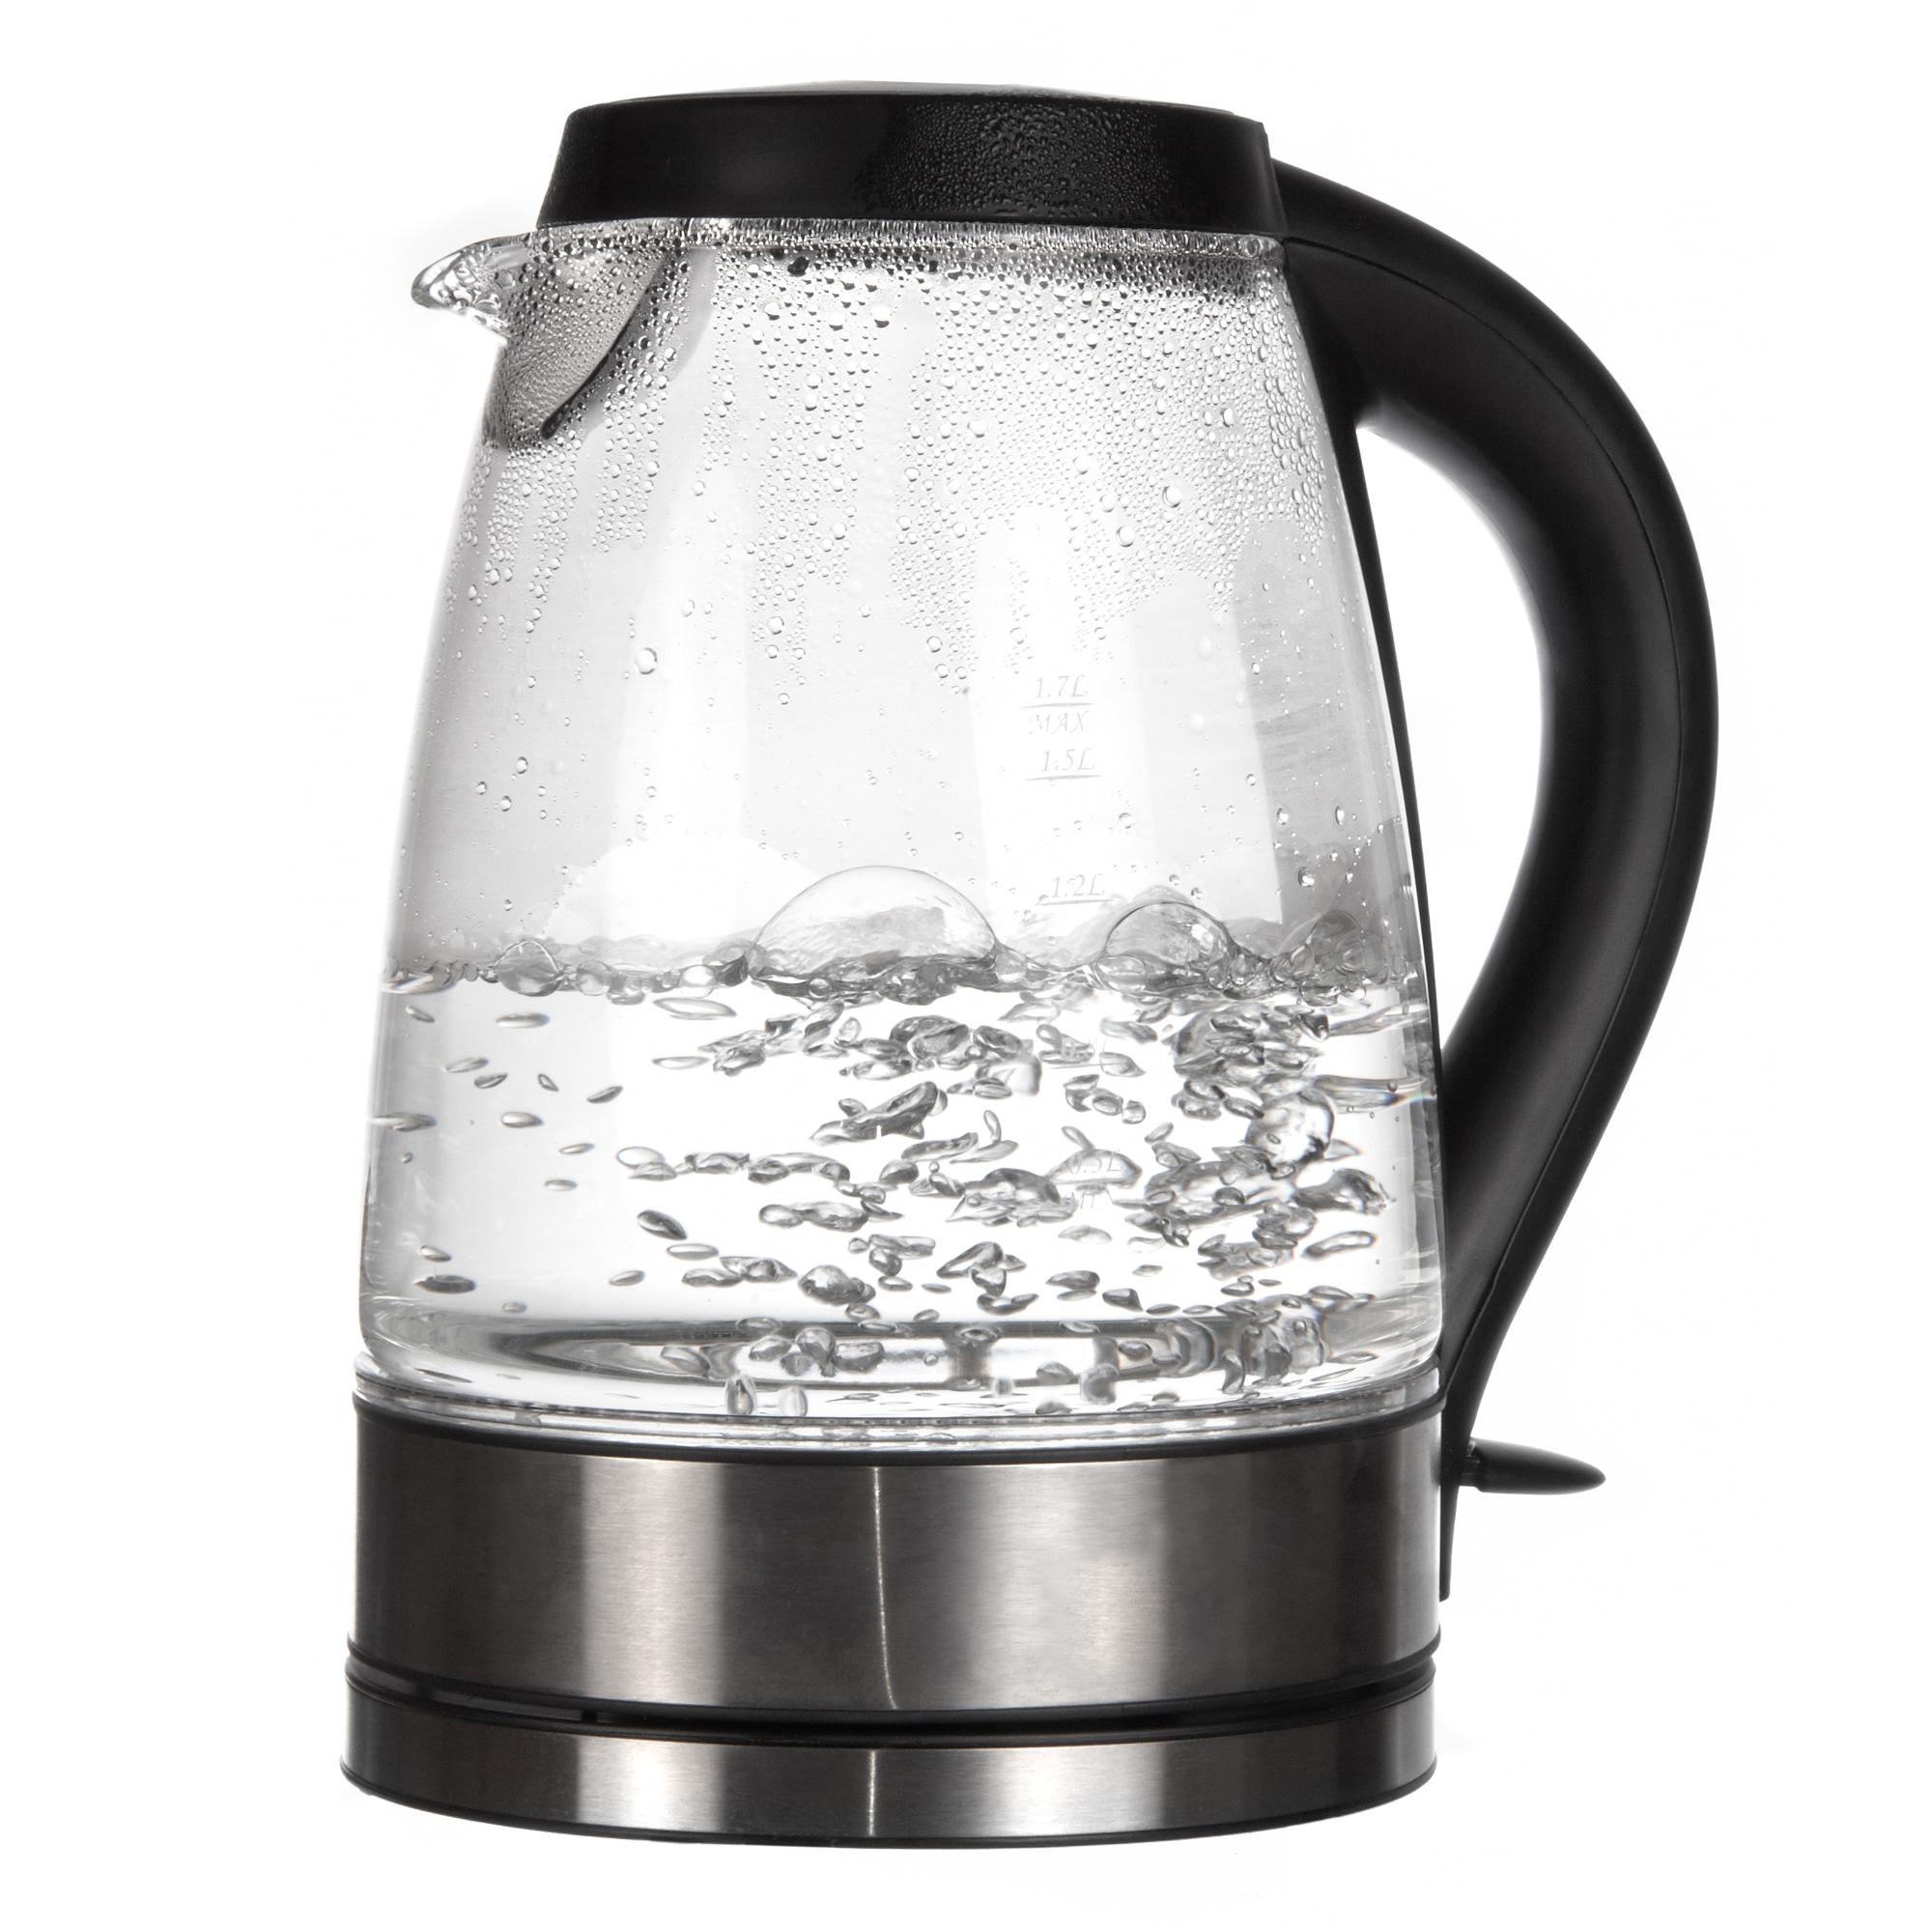 schoonmaken natuurlijke schoonmaakmiddelen soda heet water koffiedik citroen bicarbonaat groene zeep azijn schoonmaakazijn